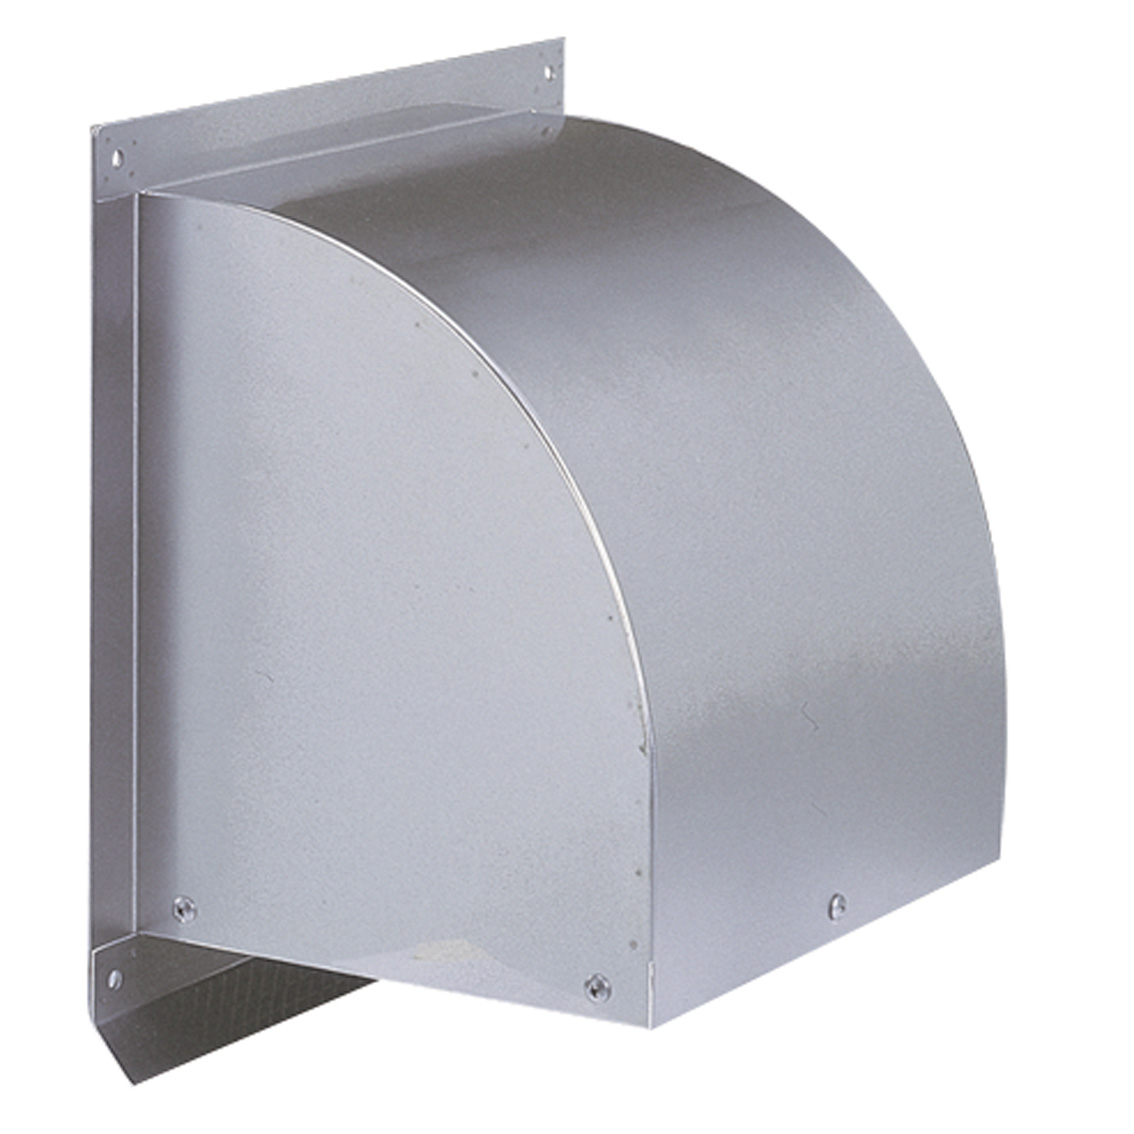 西邦工業 SEIHO WC600S 外壁用ステンレス製換気口 (ウエザーカバー) 金網型3メッシュ 大口径